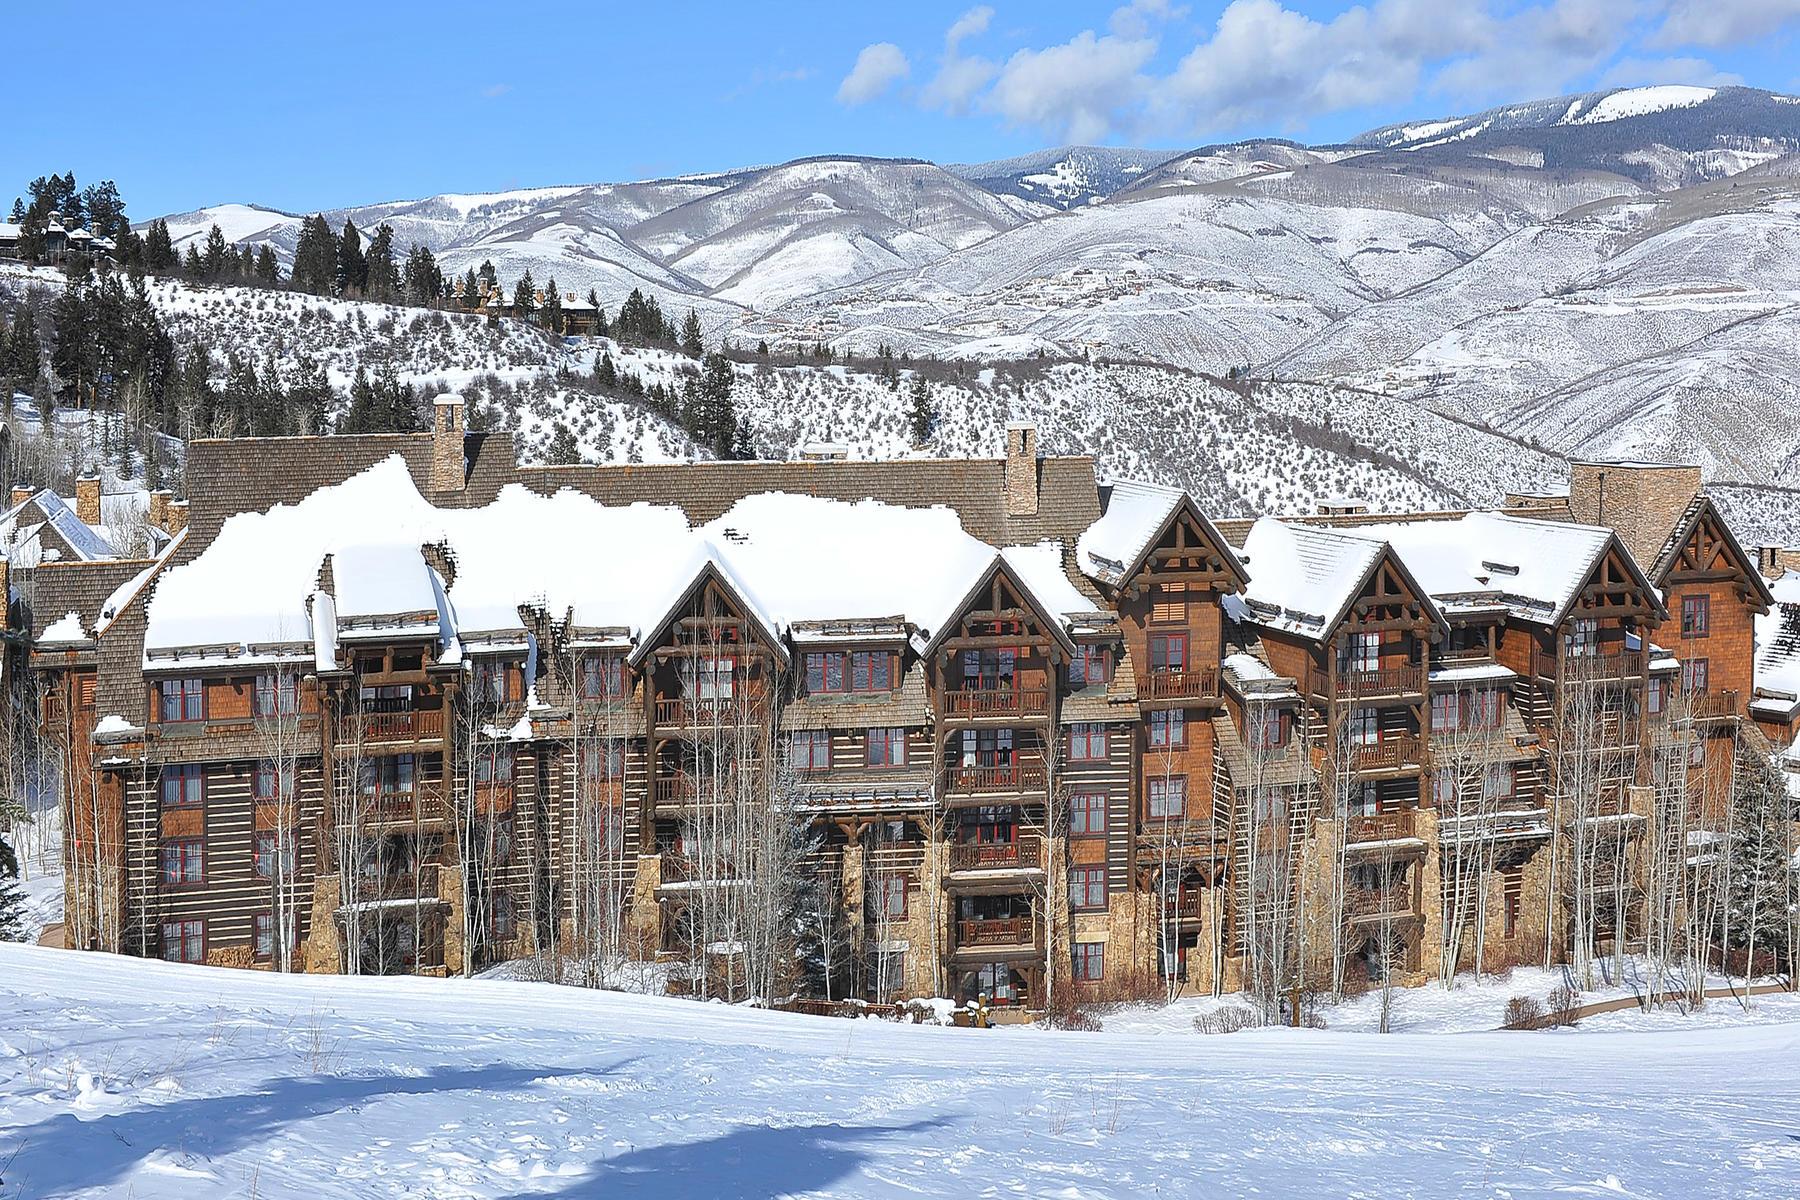 Propriedade Fraccionada para Venda às Timbers Bachelor Gulch 100 Bachelor Ridge Road #3707-7 Bachelor Gulch, Avon, Colorado, 81620 Estados Unidos